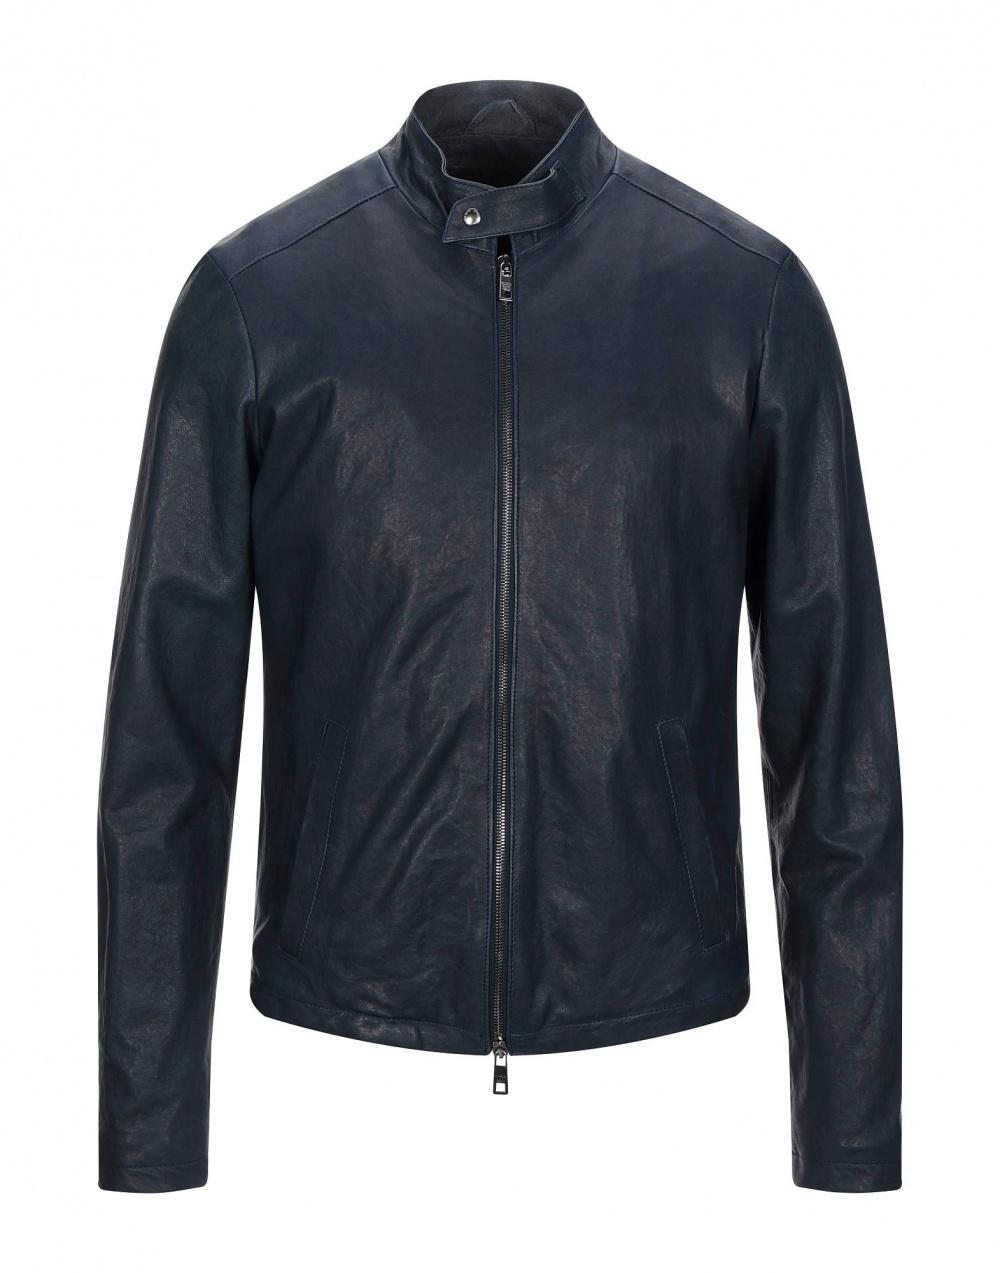 Кожаная куртка GIORGIO BRATO, размер 50-52